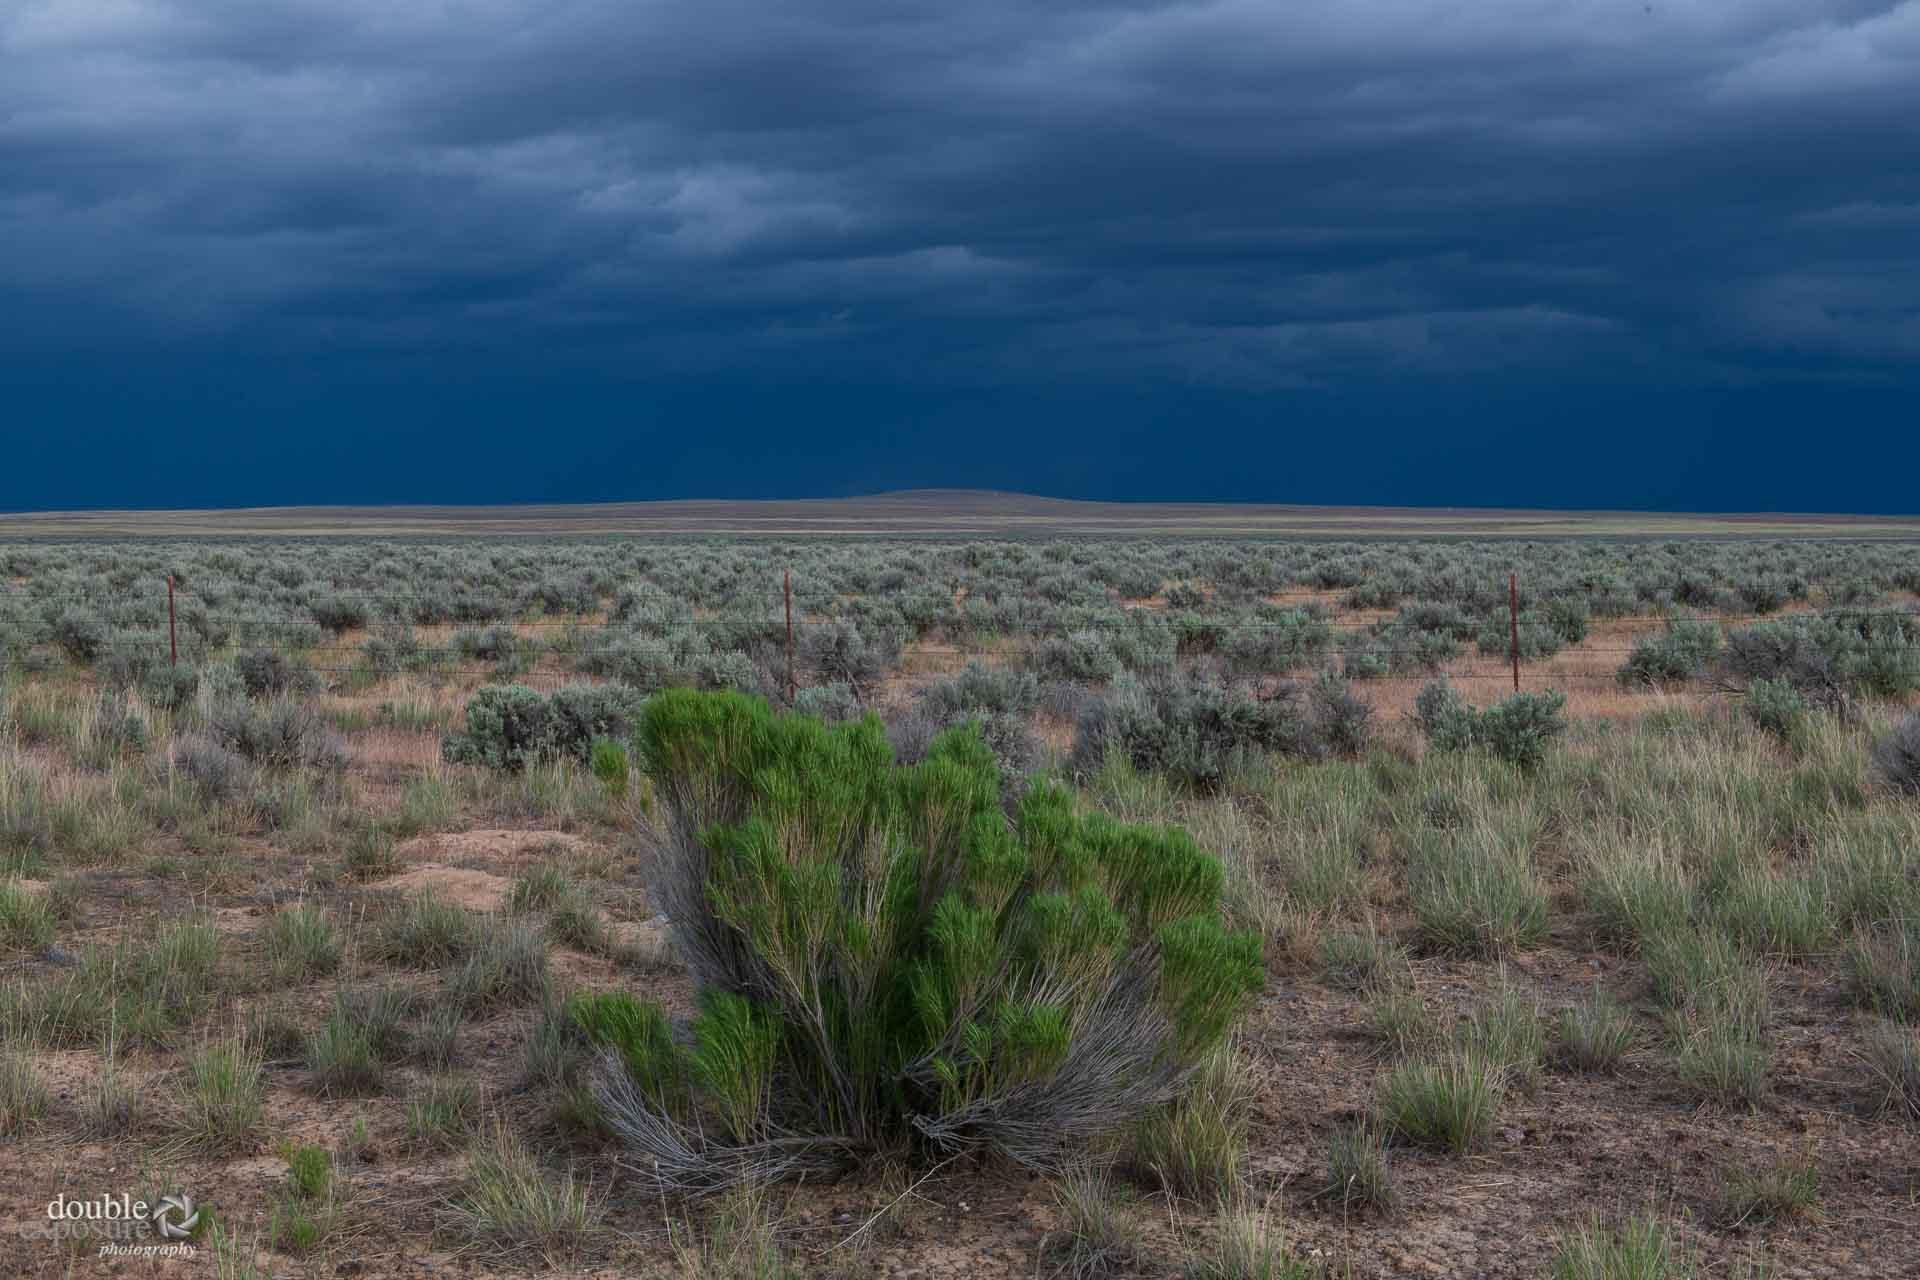 Threatening sky over desert